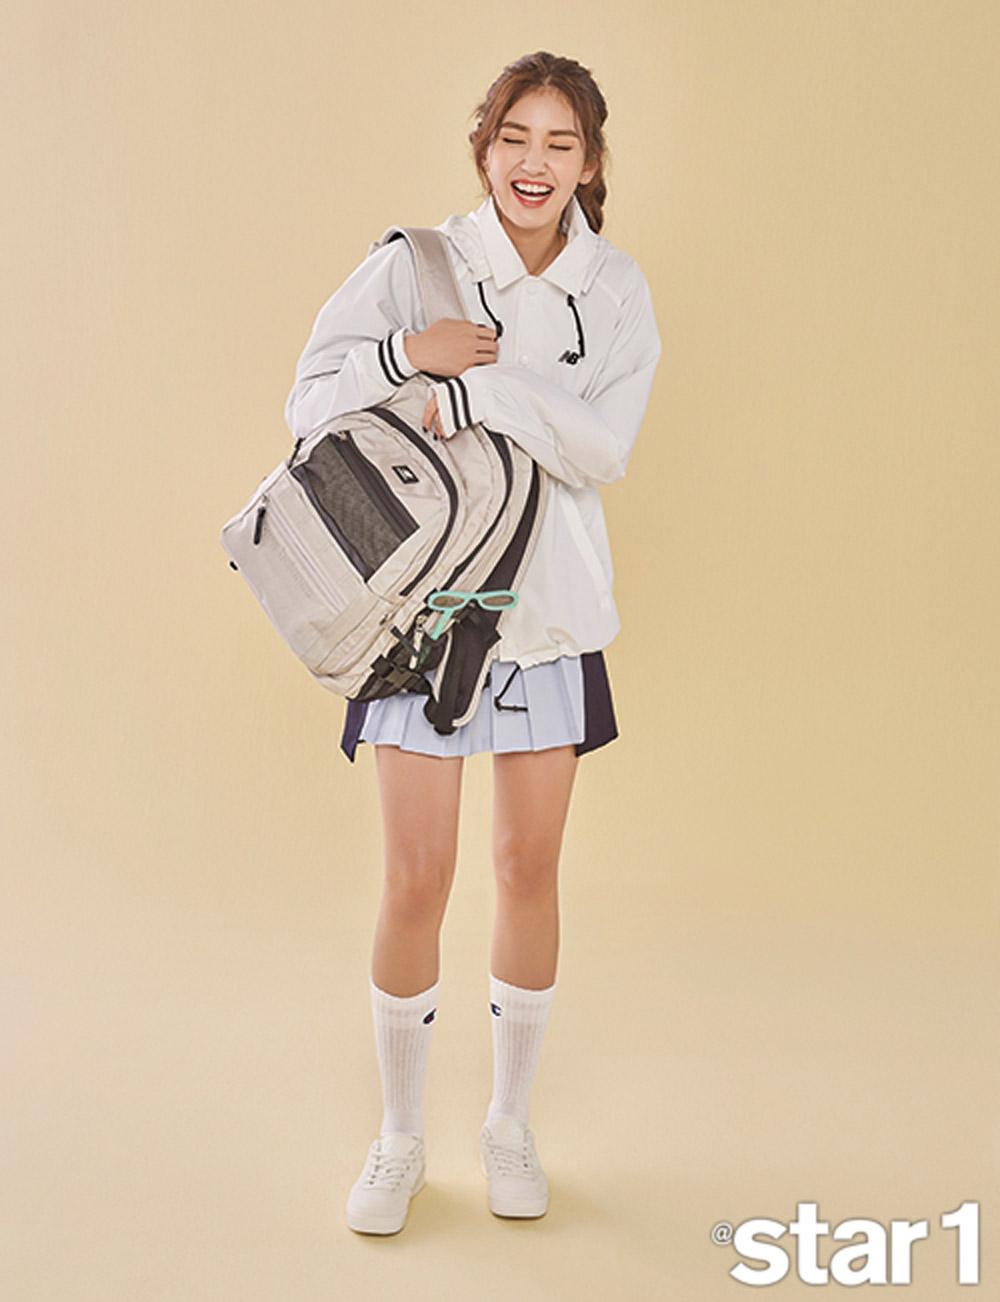 I.O.I's Jeon Somi